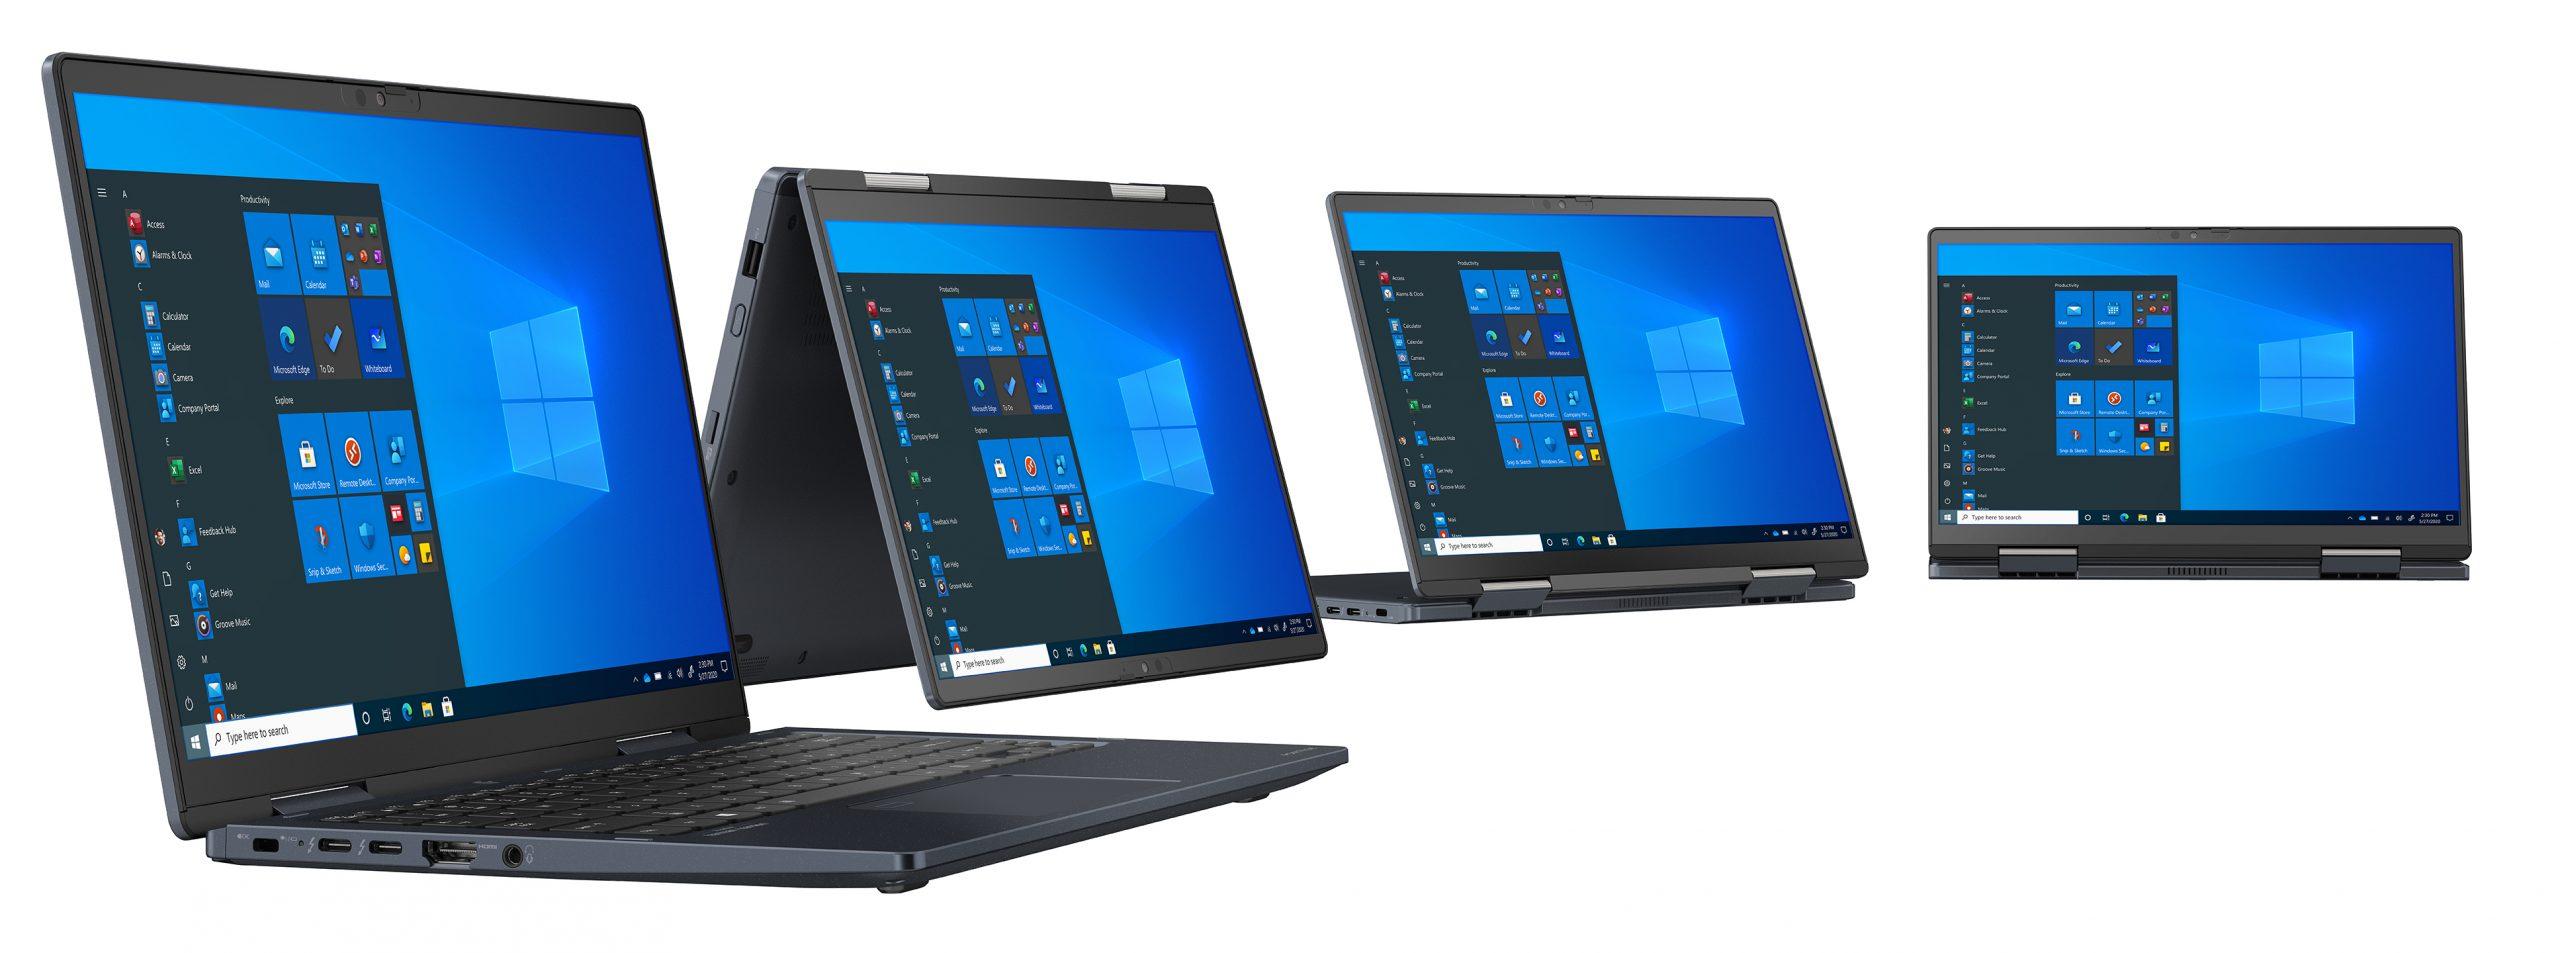 Dynabook Công Bố Máy Tính Xách Tay Chuyển Đổi Chuẩn Intel Evo 13 Inch Nhẹ Nhất Thế Giới PORTÉGÉ X30W-J Được Trang Bị Bộ Xử Lý Intel Core Thế Hệ 11